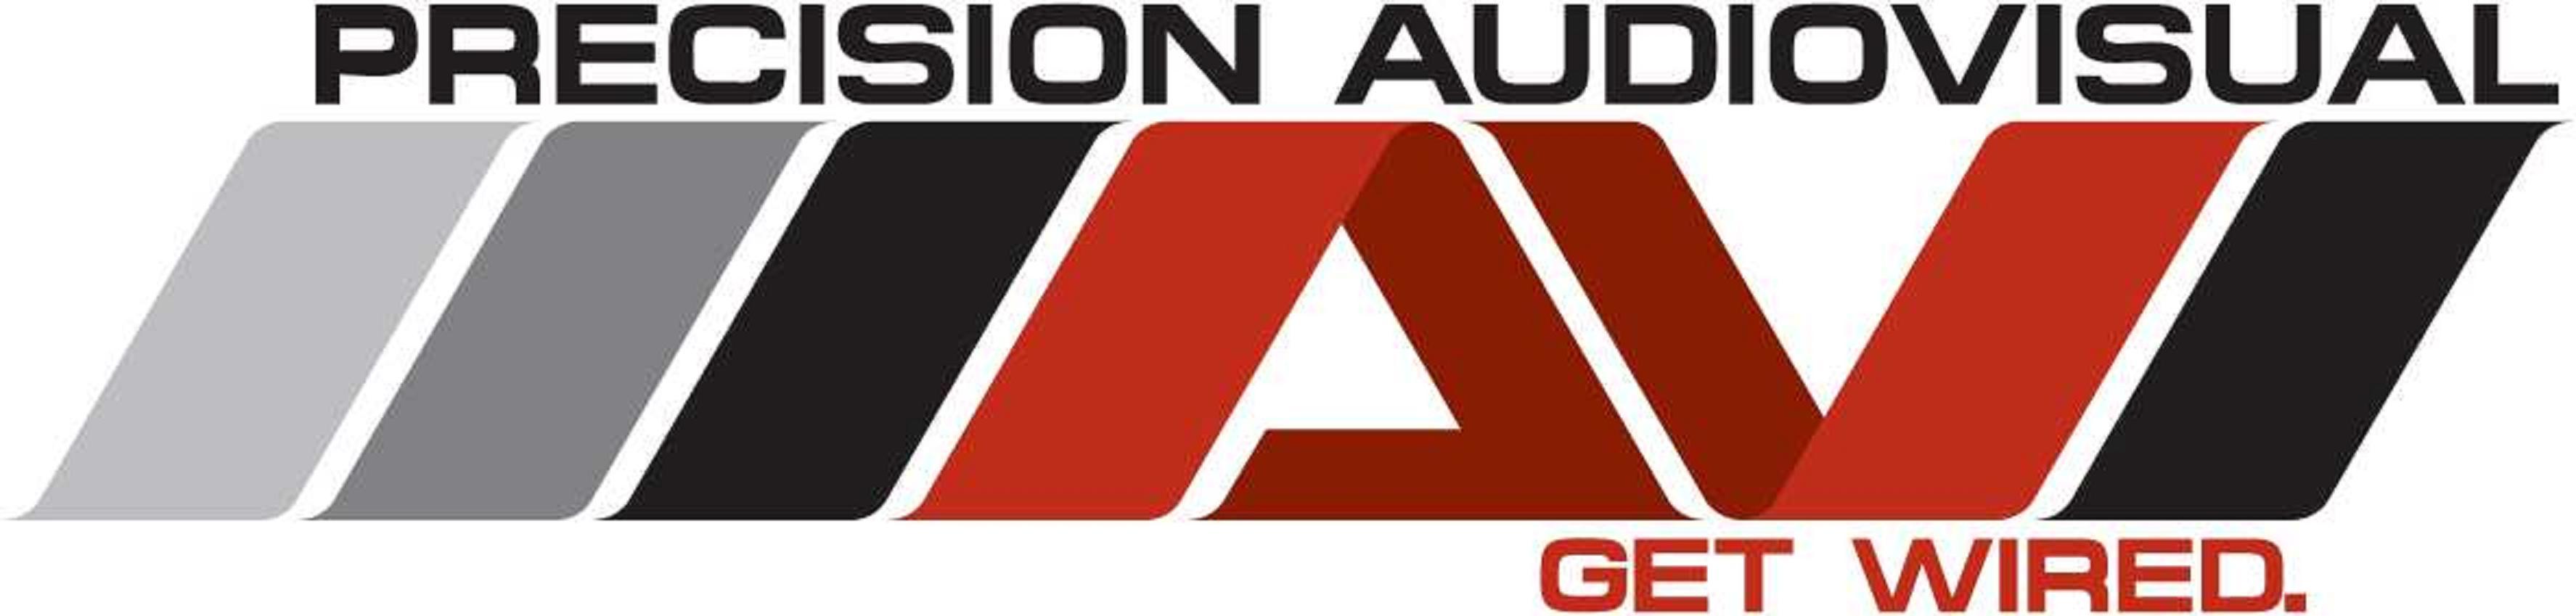 Precision AudioVisual